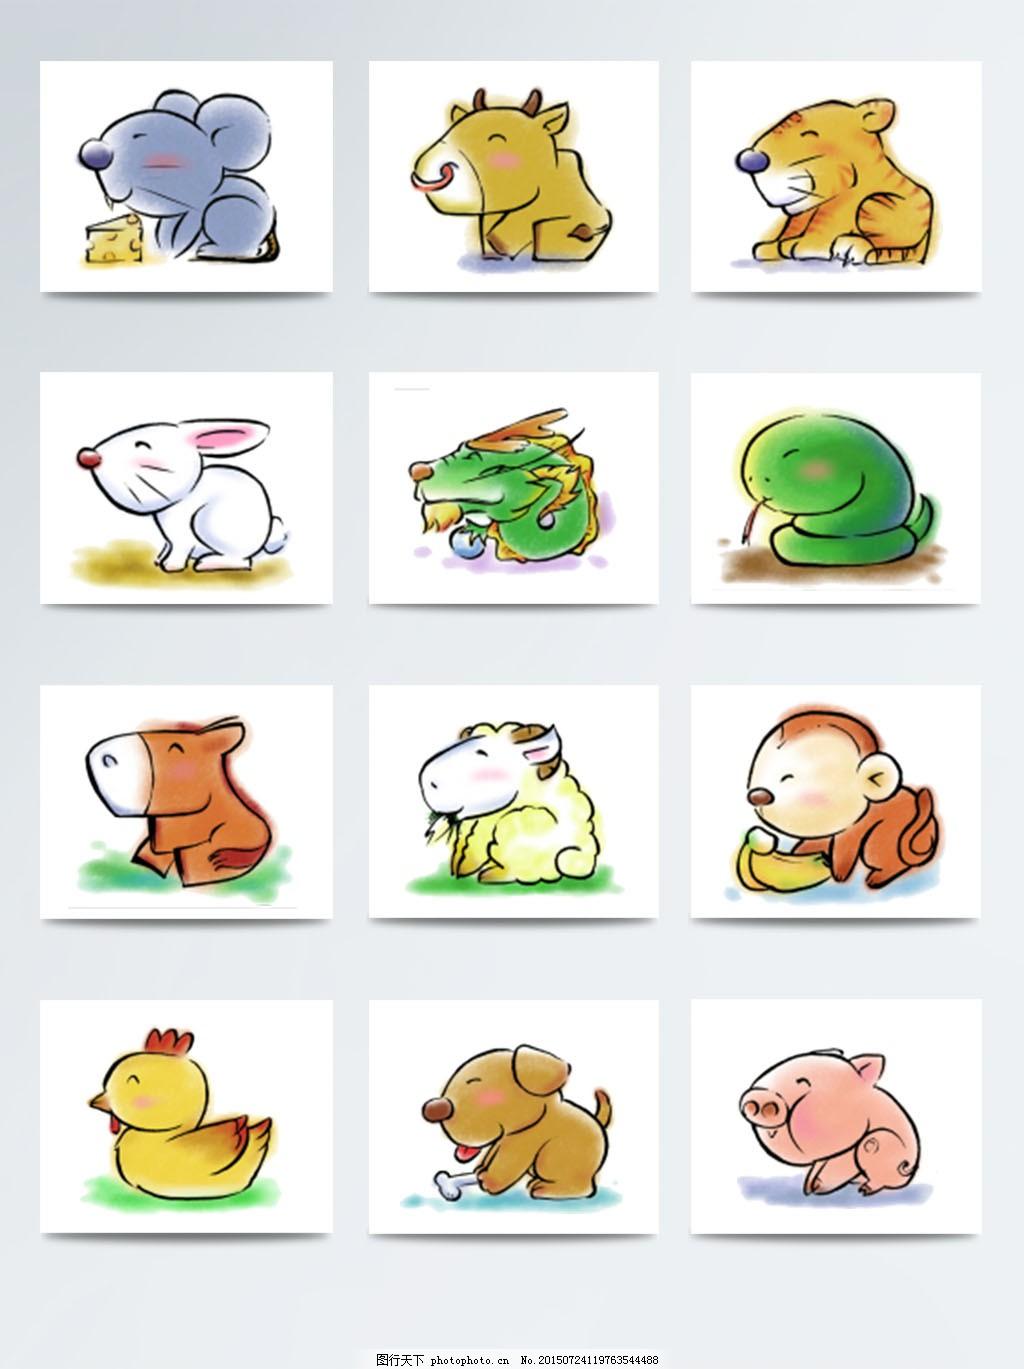 水彩风格12生肖图标素材 生肖动物图片 水彩动物图片